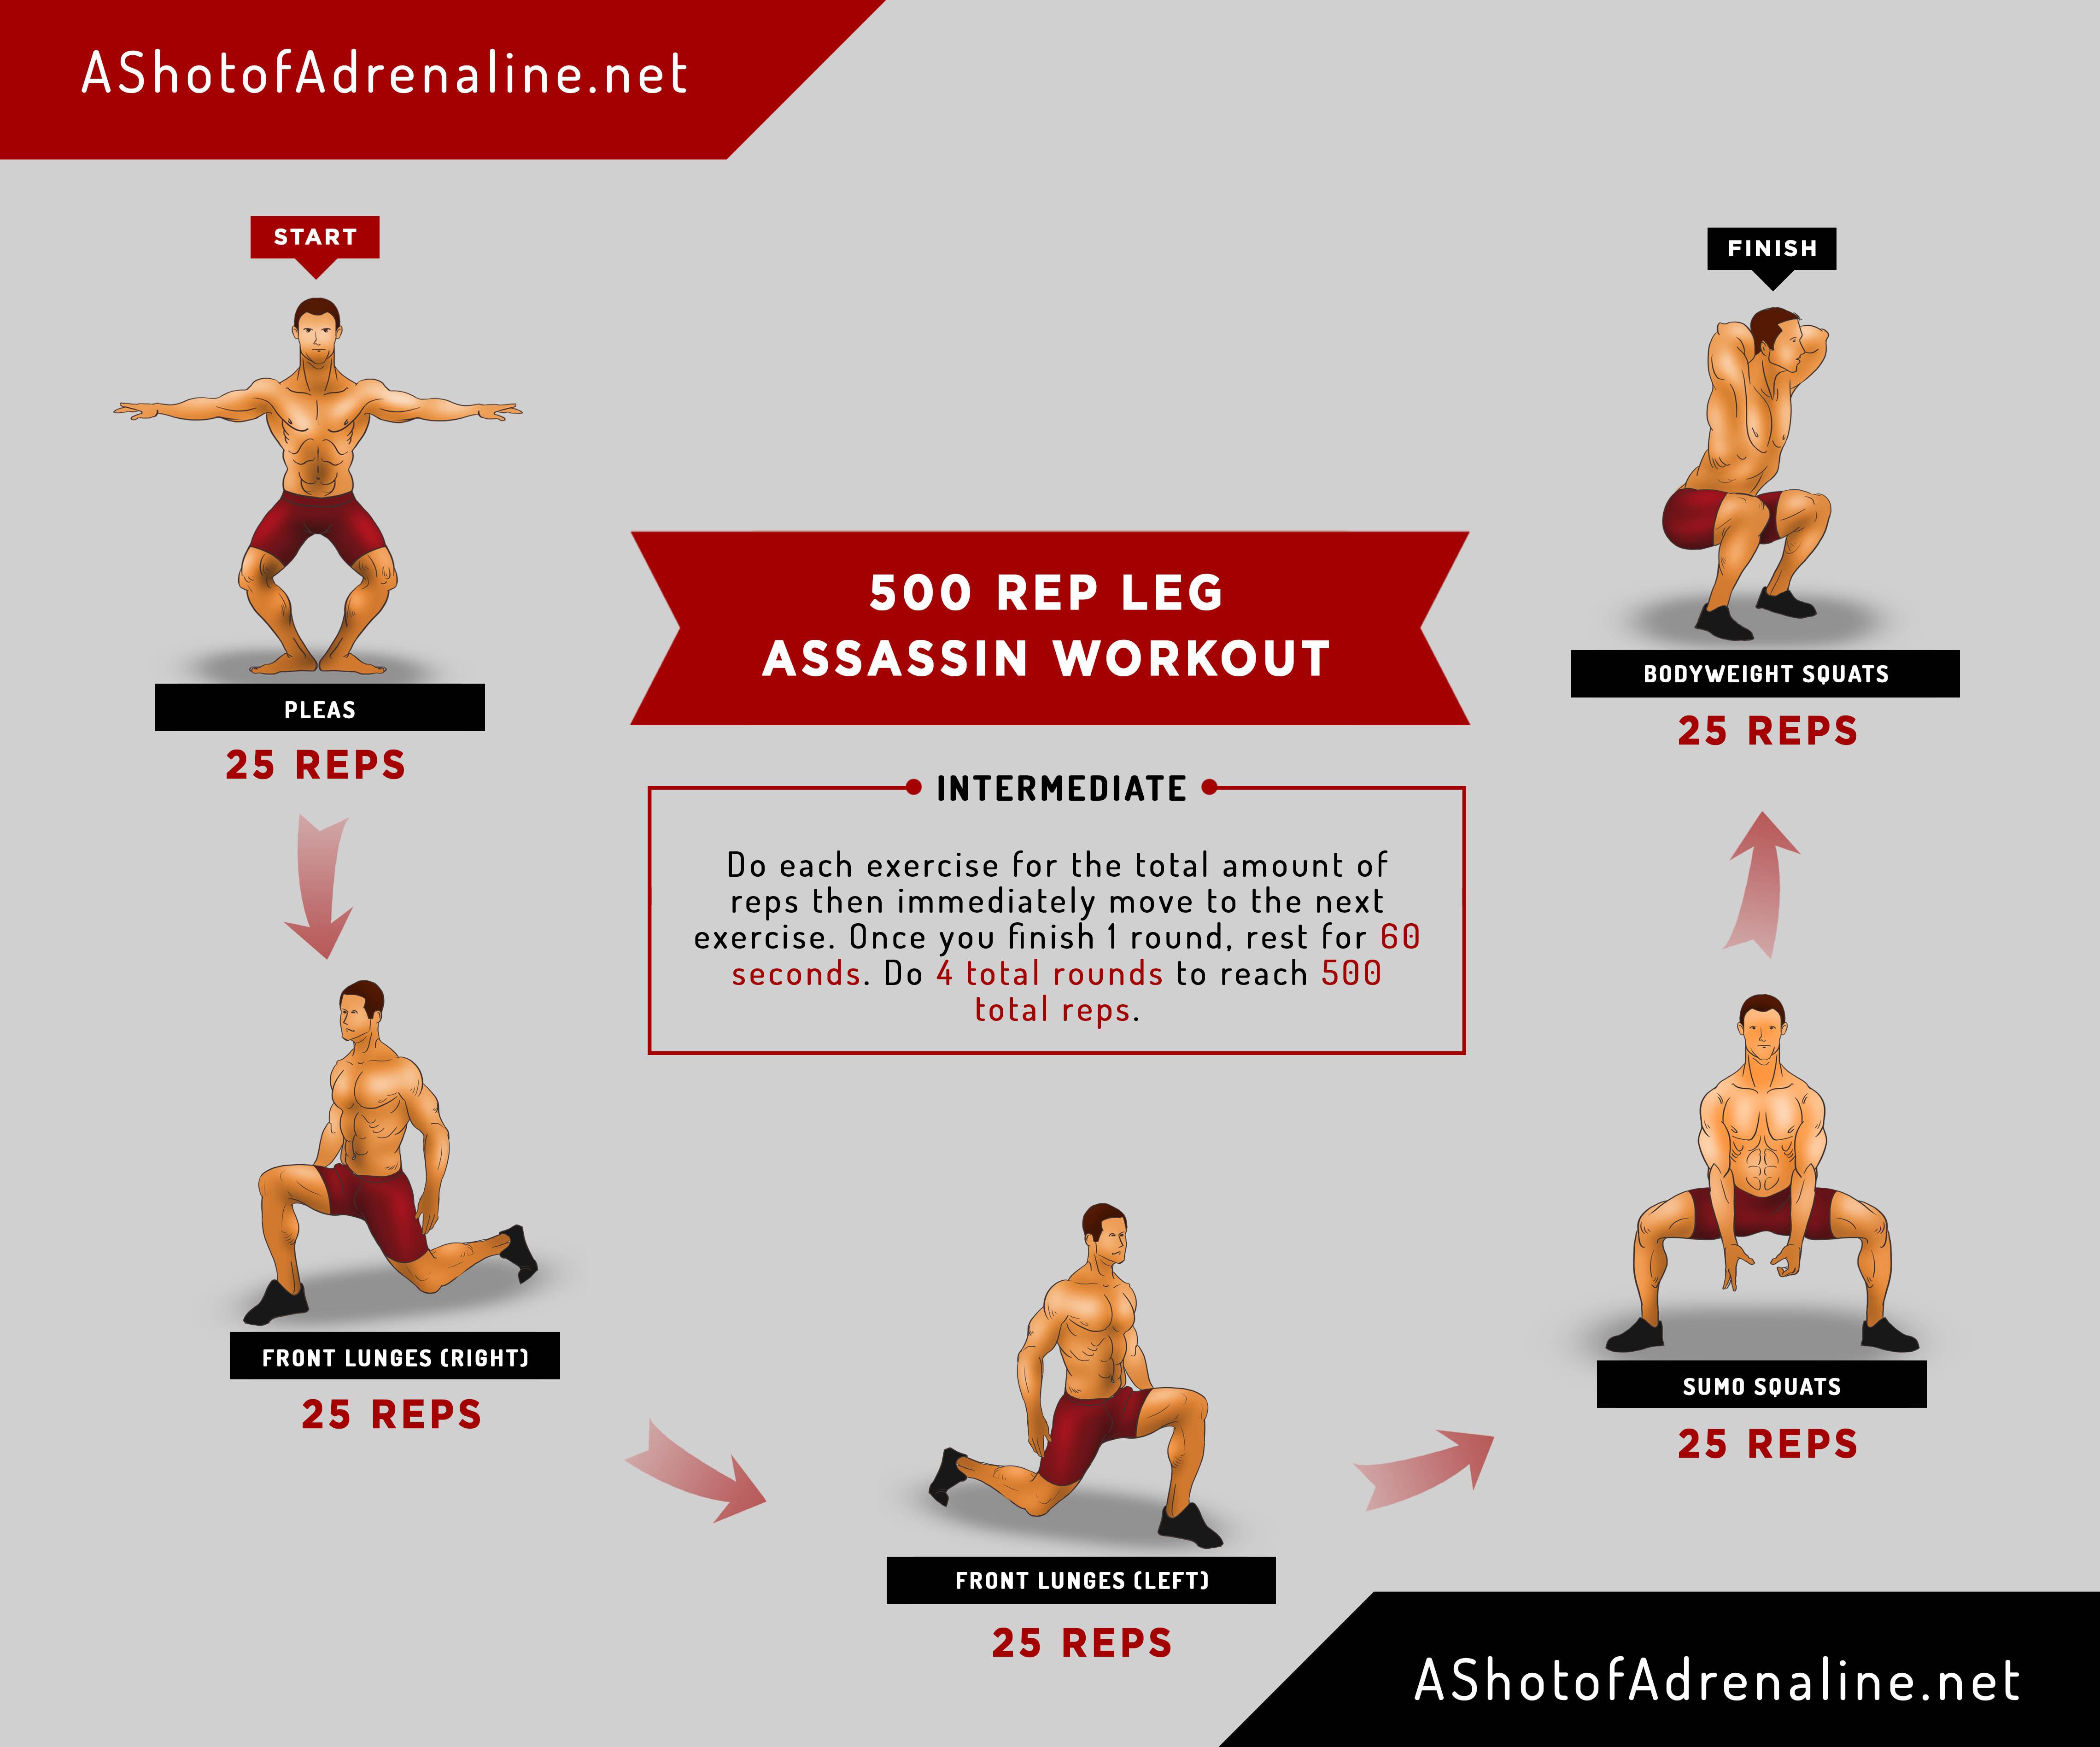 500 Rep Leg Assassin Workout 1